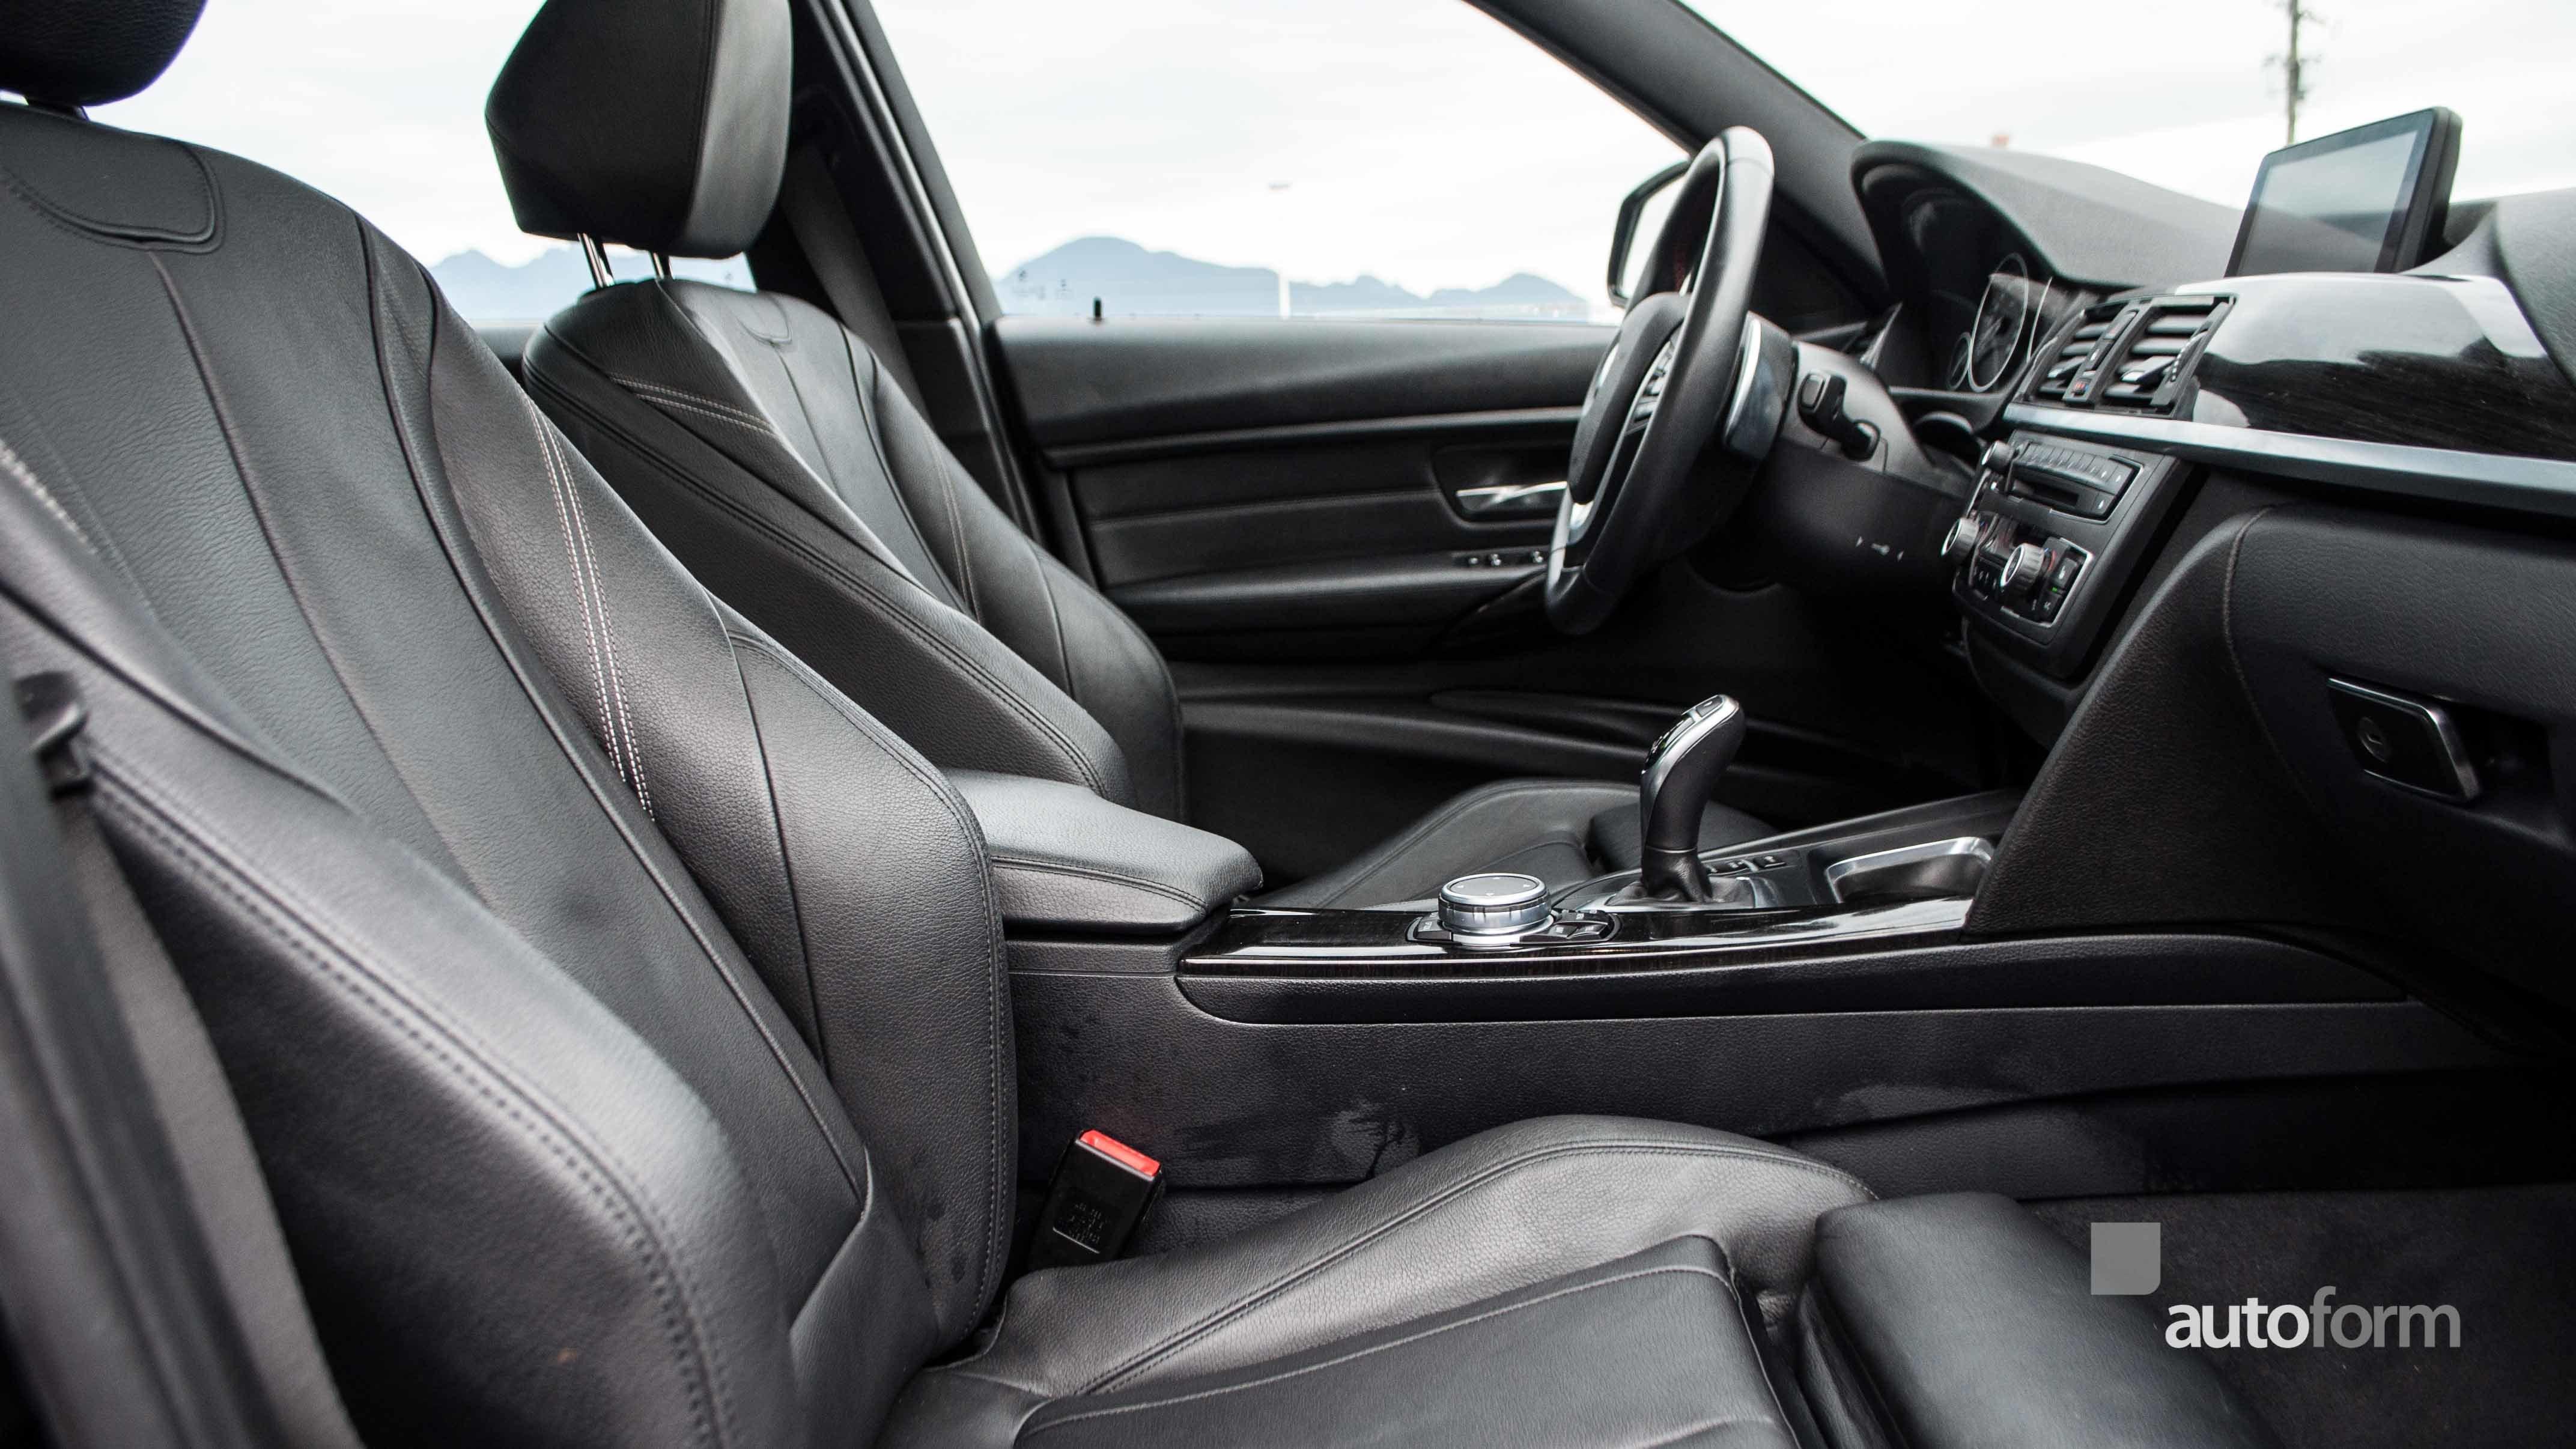 2015 Bmw 328i Xdrive Autoform